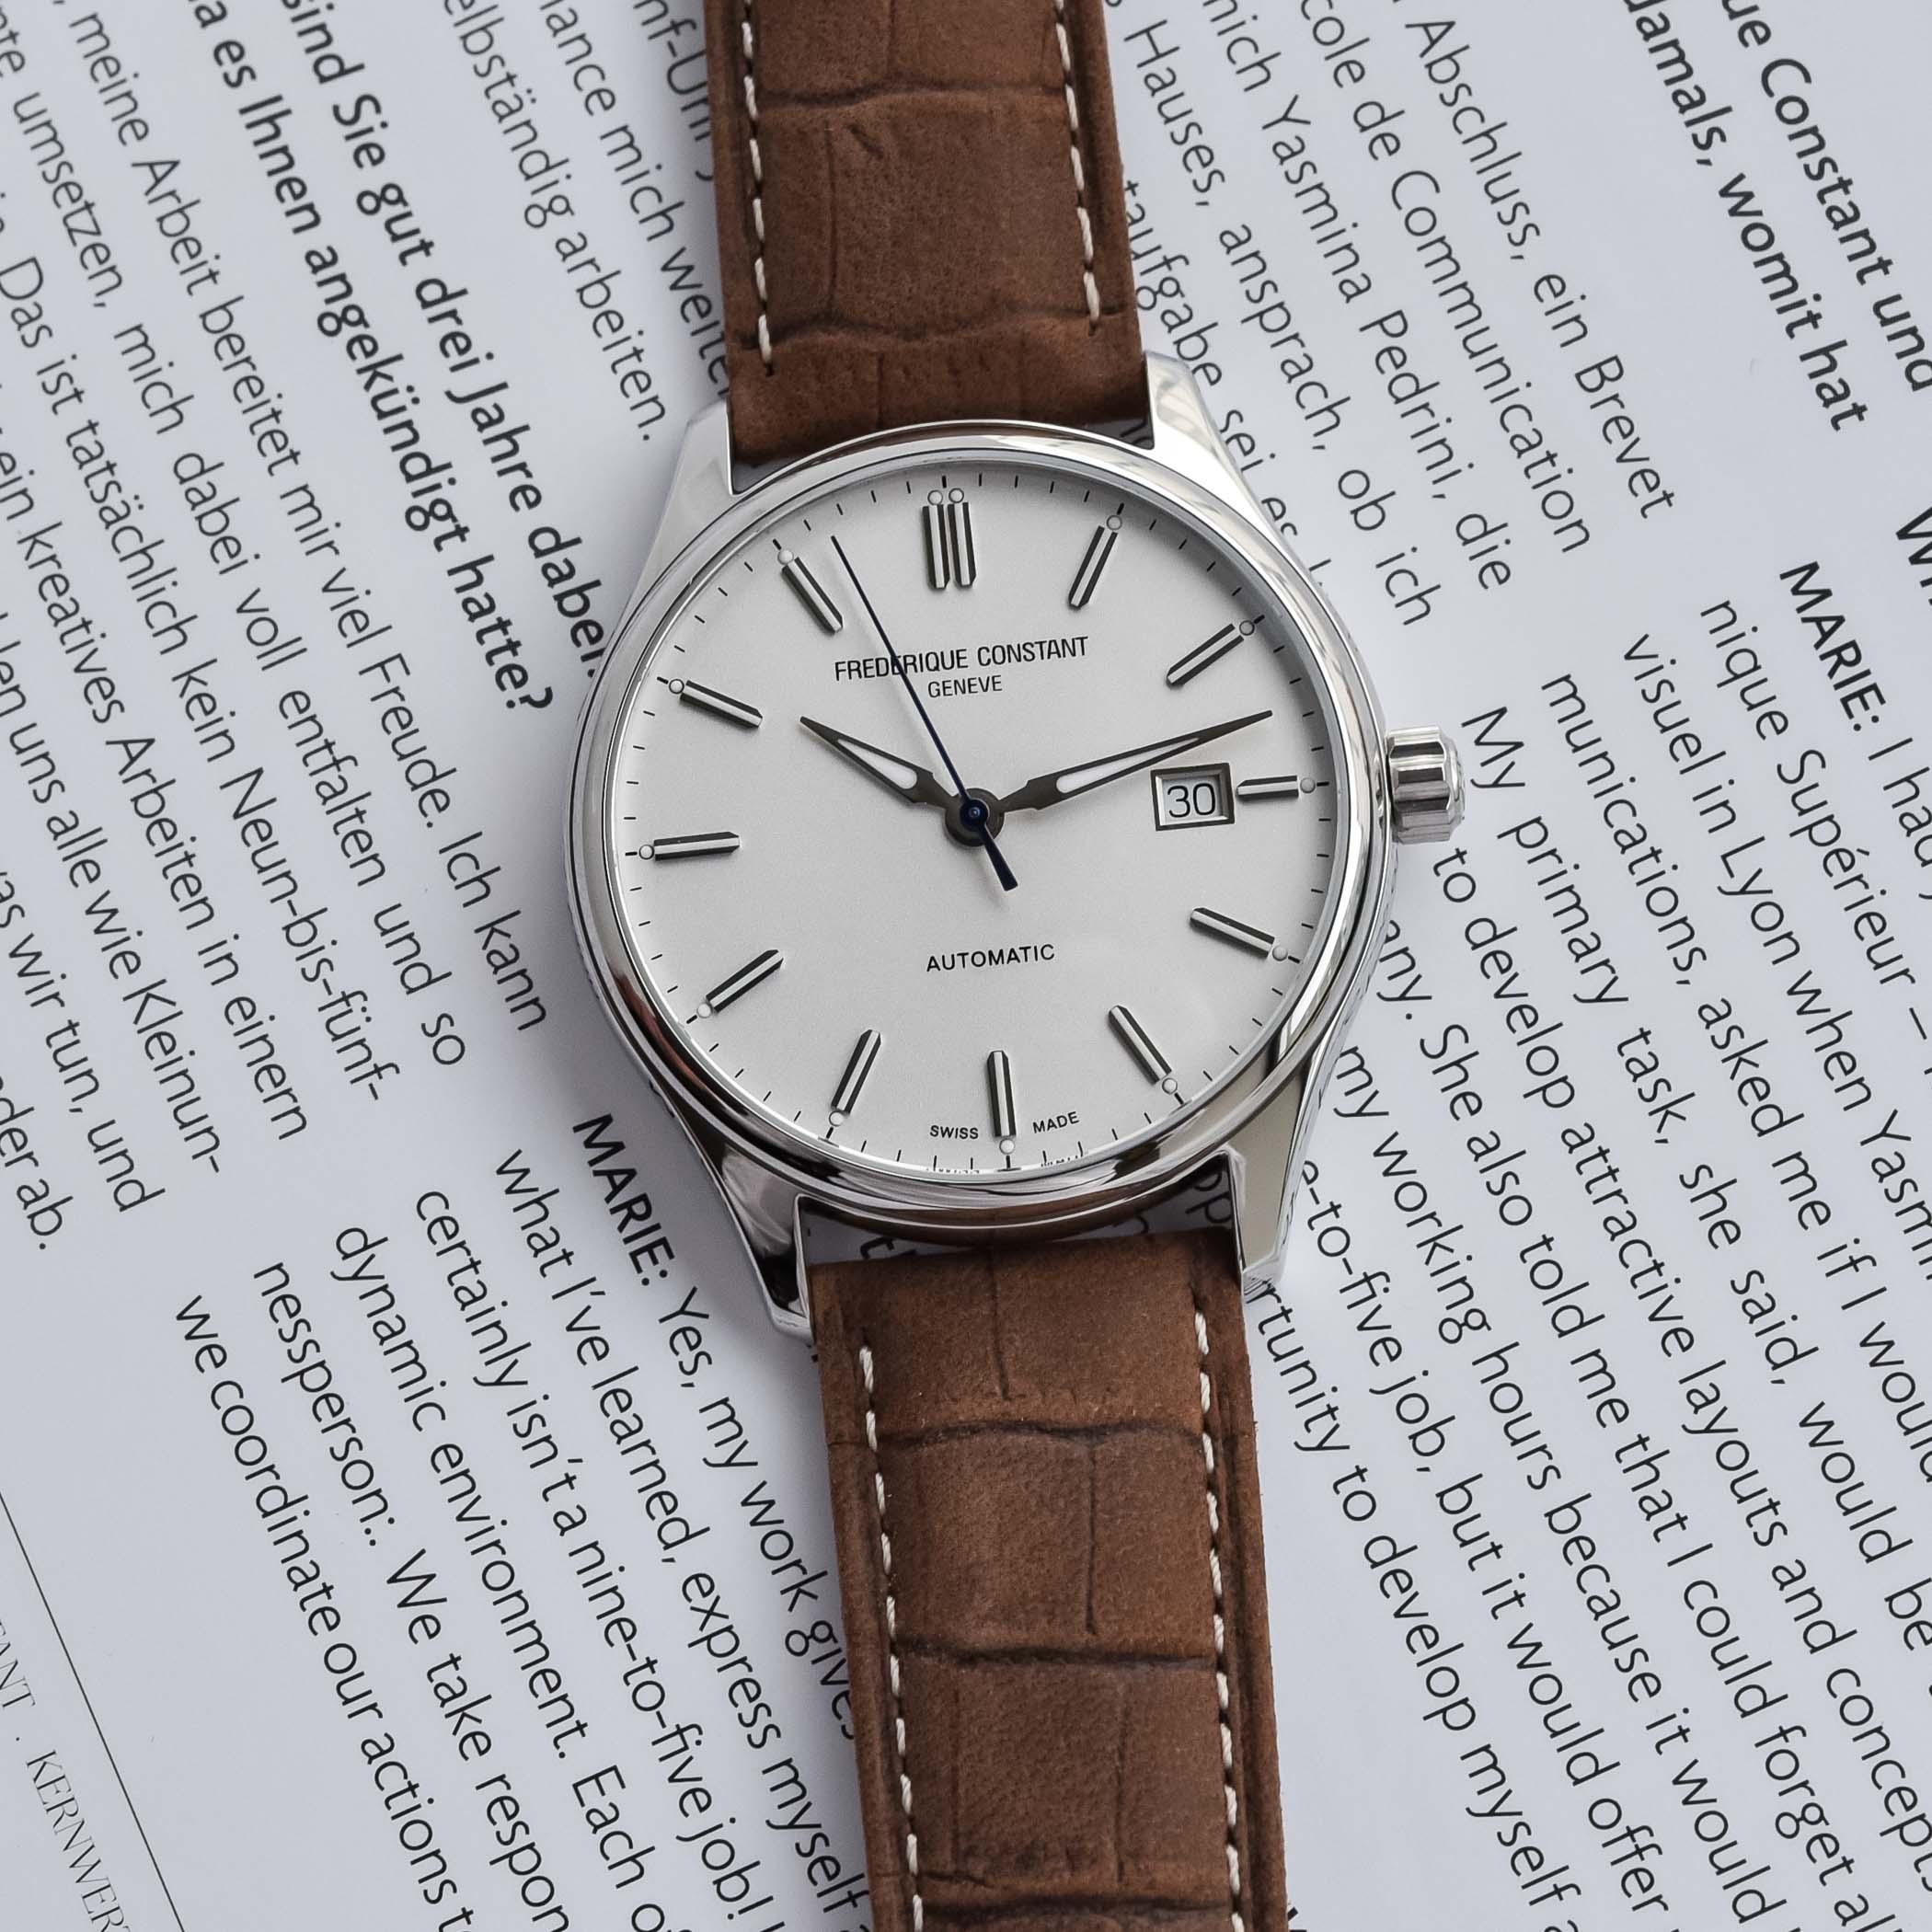 2021 Frederique Constant Classics Index Automatic